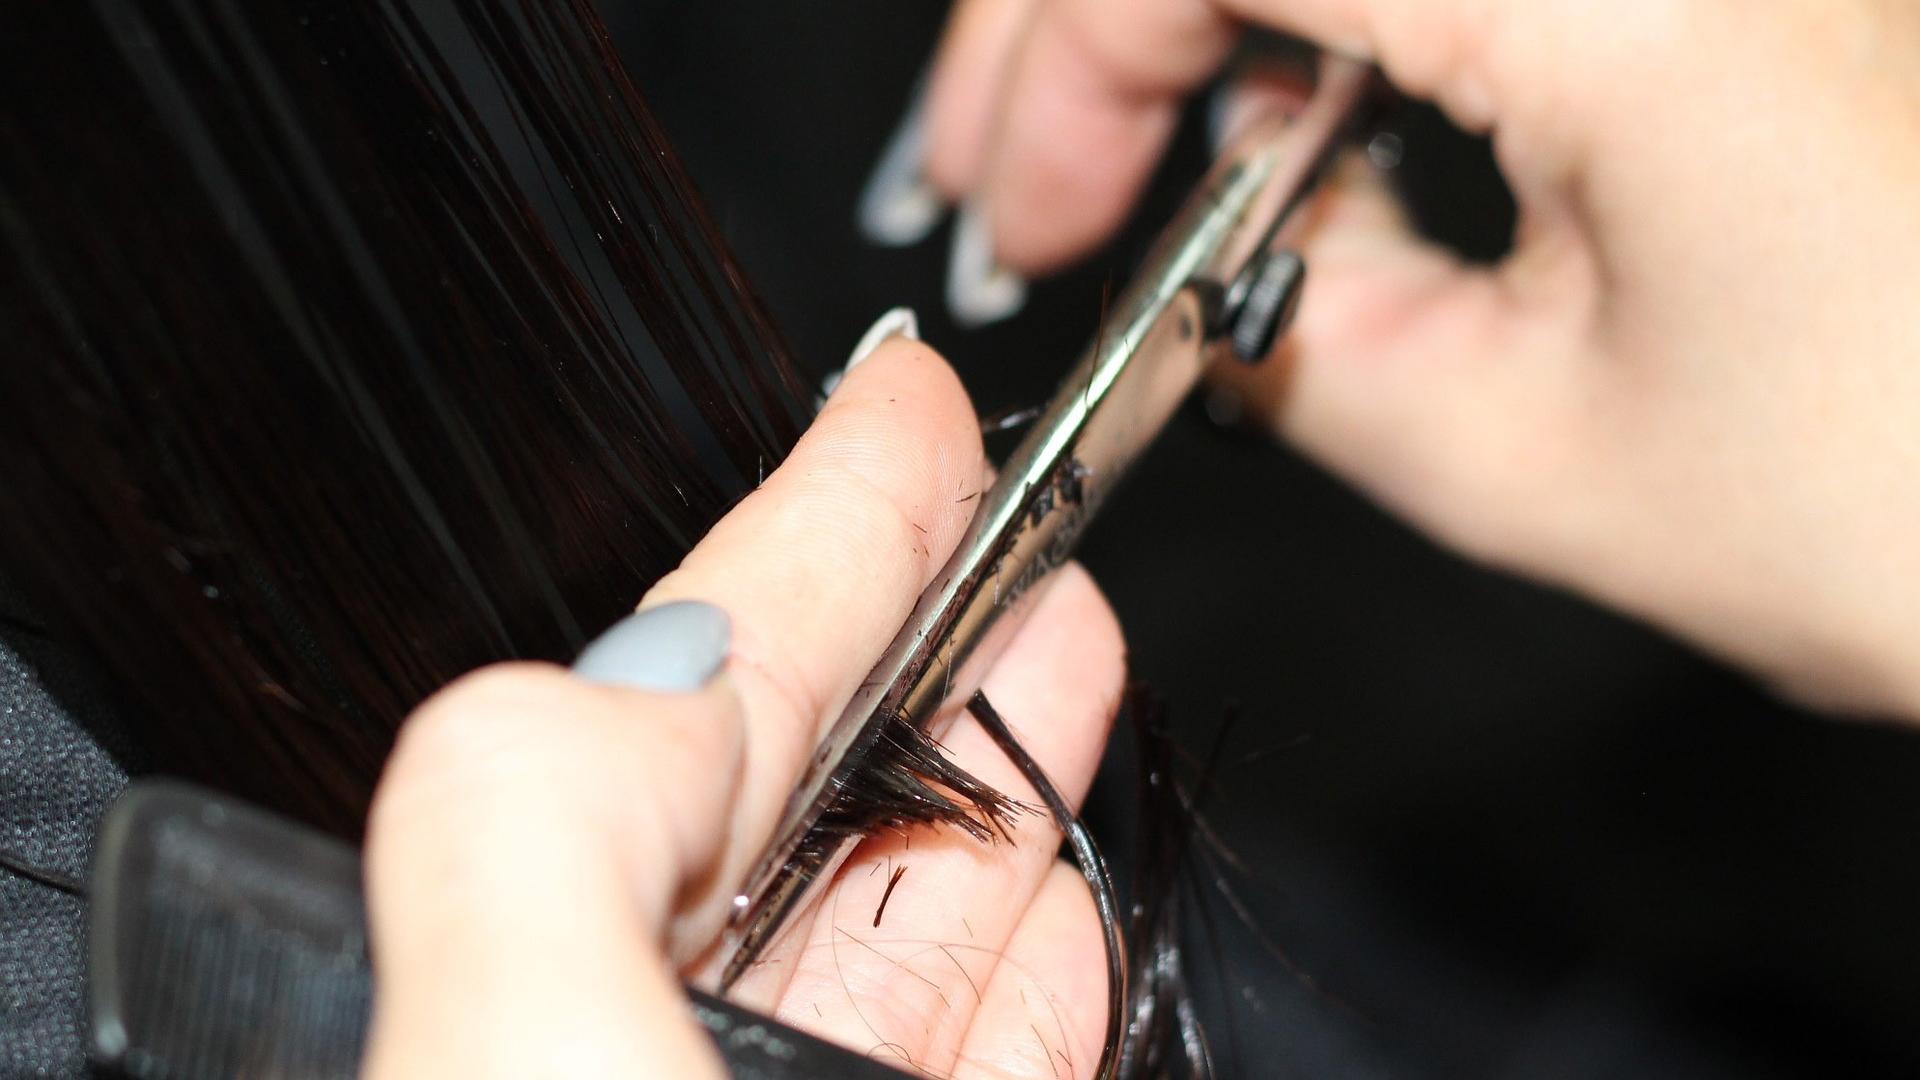 Tagli capelli primavera-estate: il long bob e la tonalità dirty blonde tra le tendenze top